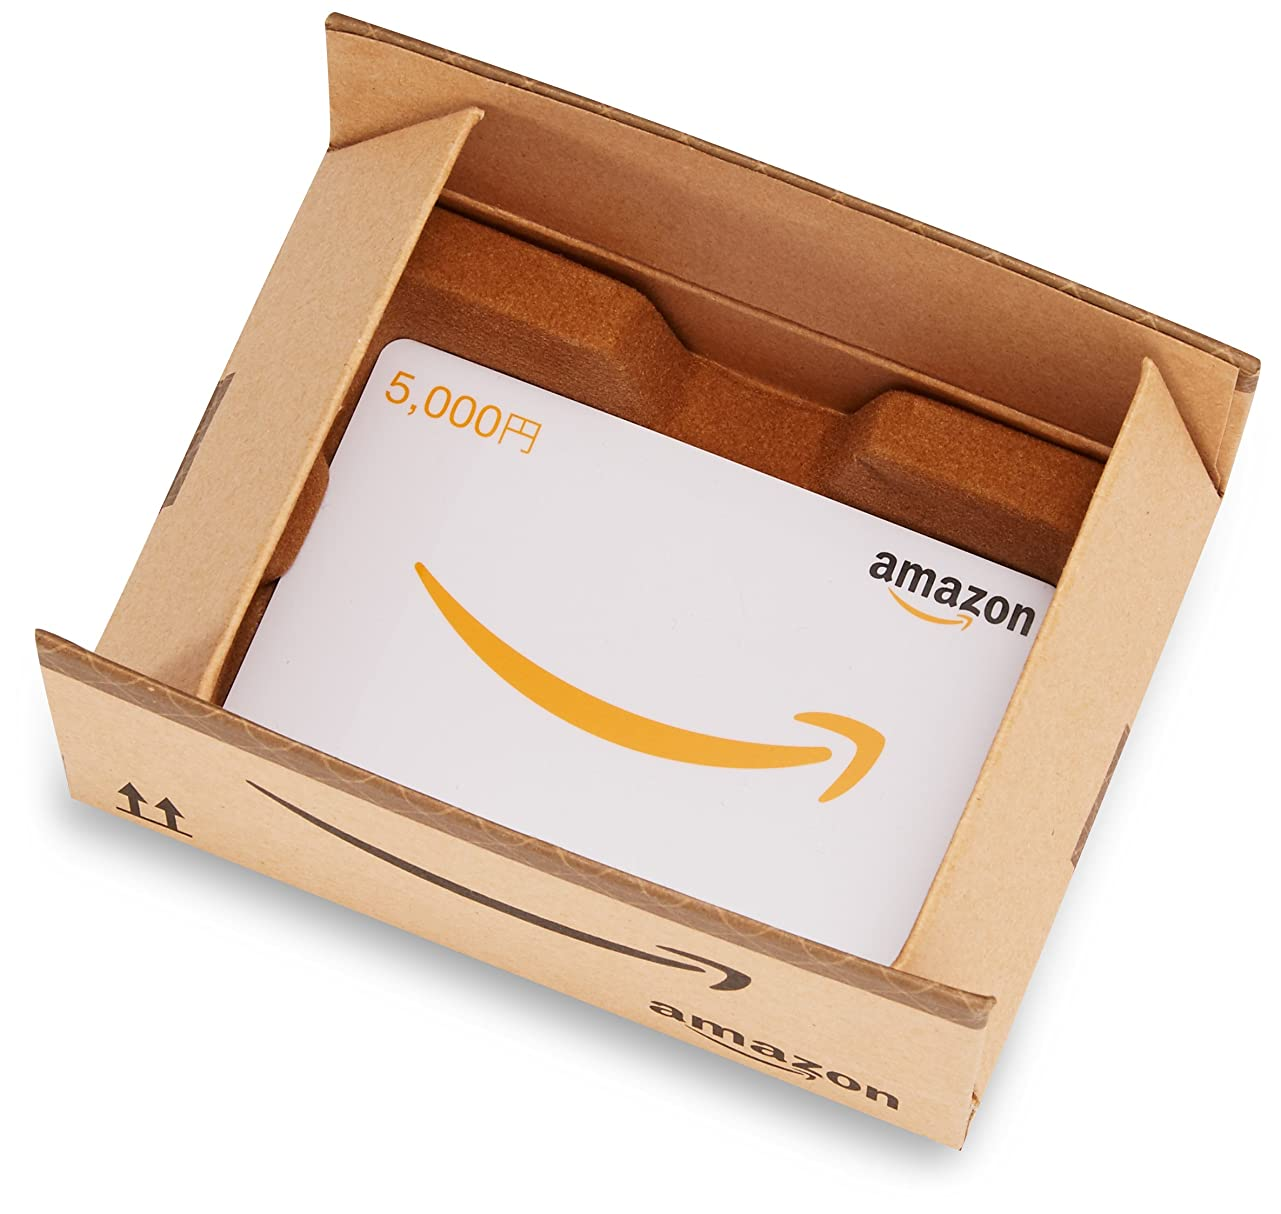 モジュールシロクマ繁栄Amazonギフト券 封筒タイプ